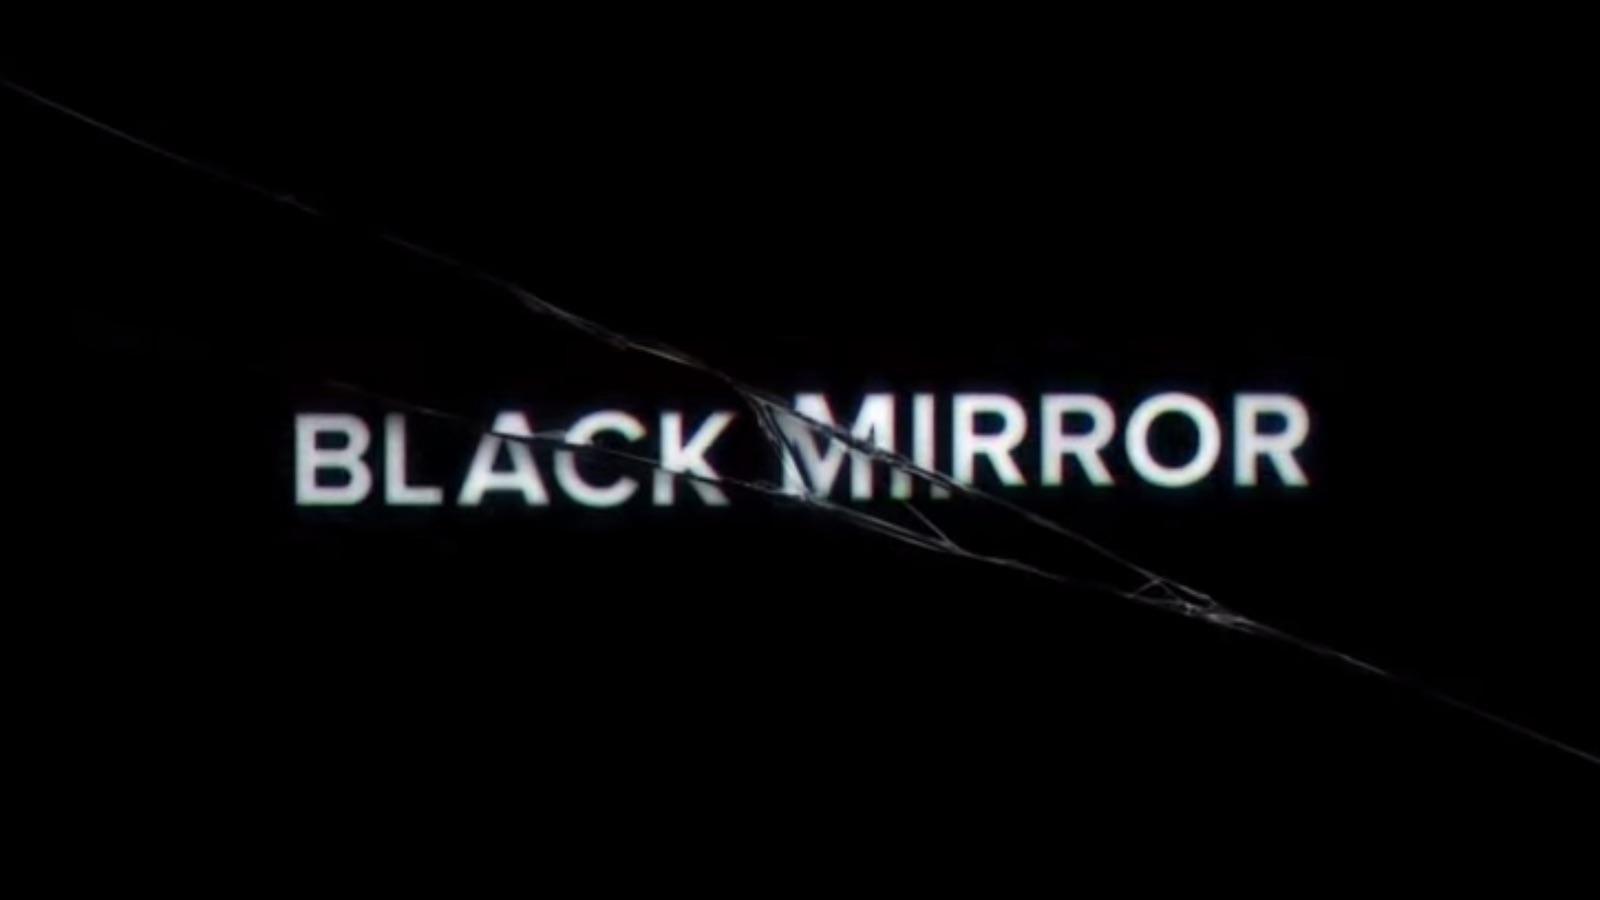 """""""Black Mirror"""" przenosi nas w przeszłość. I nadal potrafi genialnie opowiadać o przyszłości"""